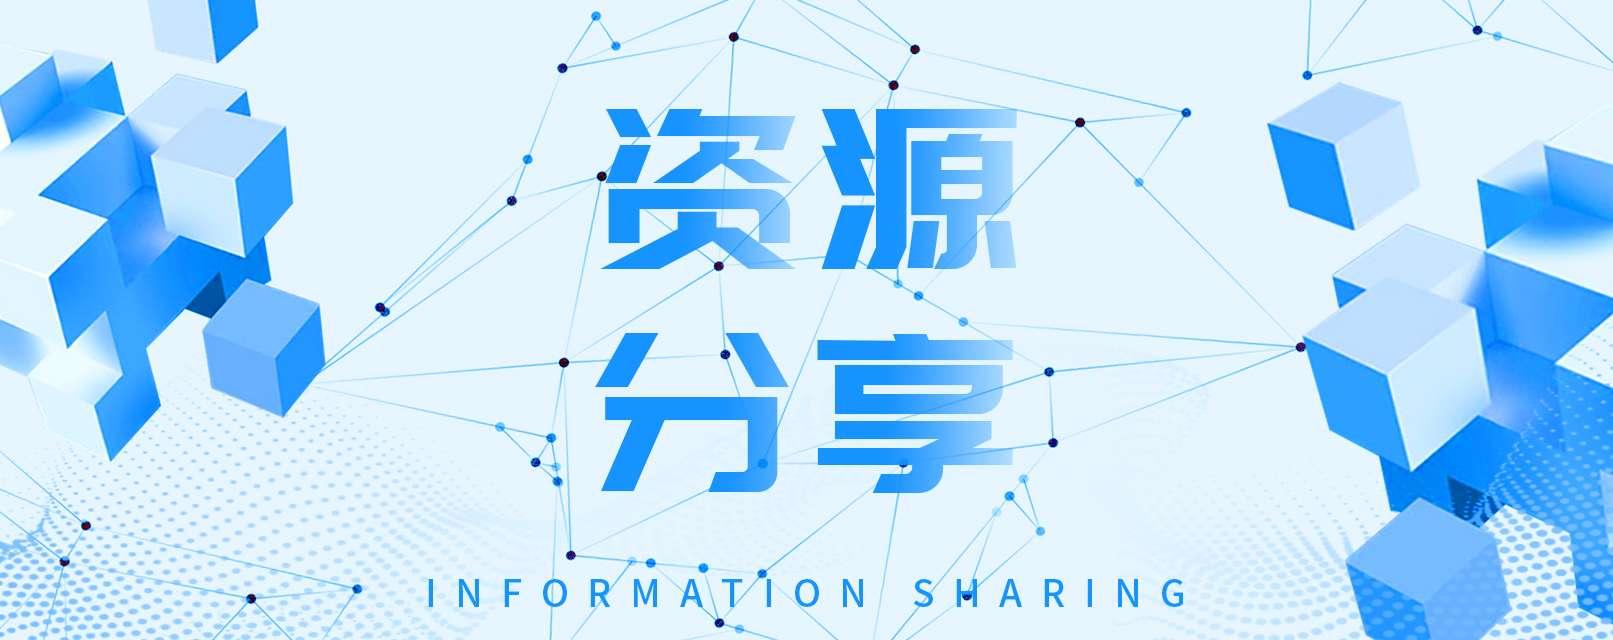 【资源分享】远程输入法 1.9.1版本 可以实现电脑打字手机输入